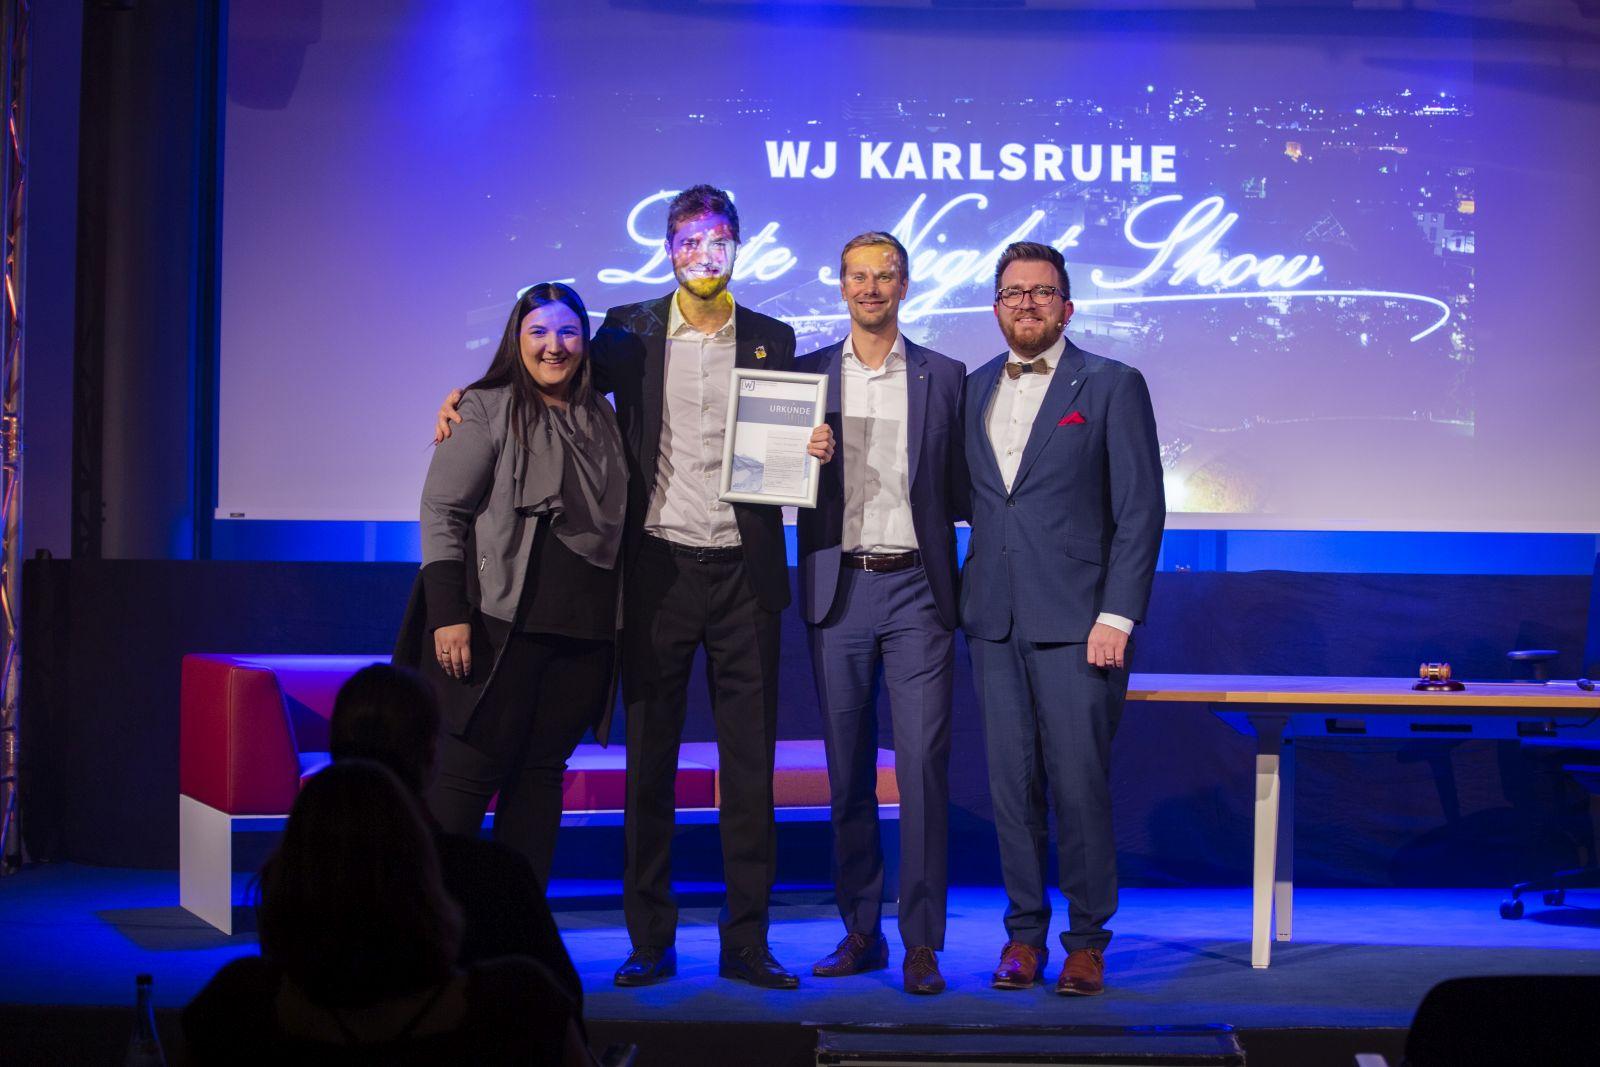 JHV 2019 Jahreshauptversammlung in der IHK mit Daniel Stöck Paul Schmidt und Manuela Hrkac Rising Star Award